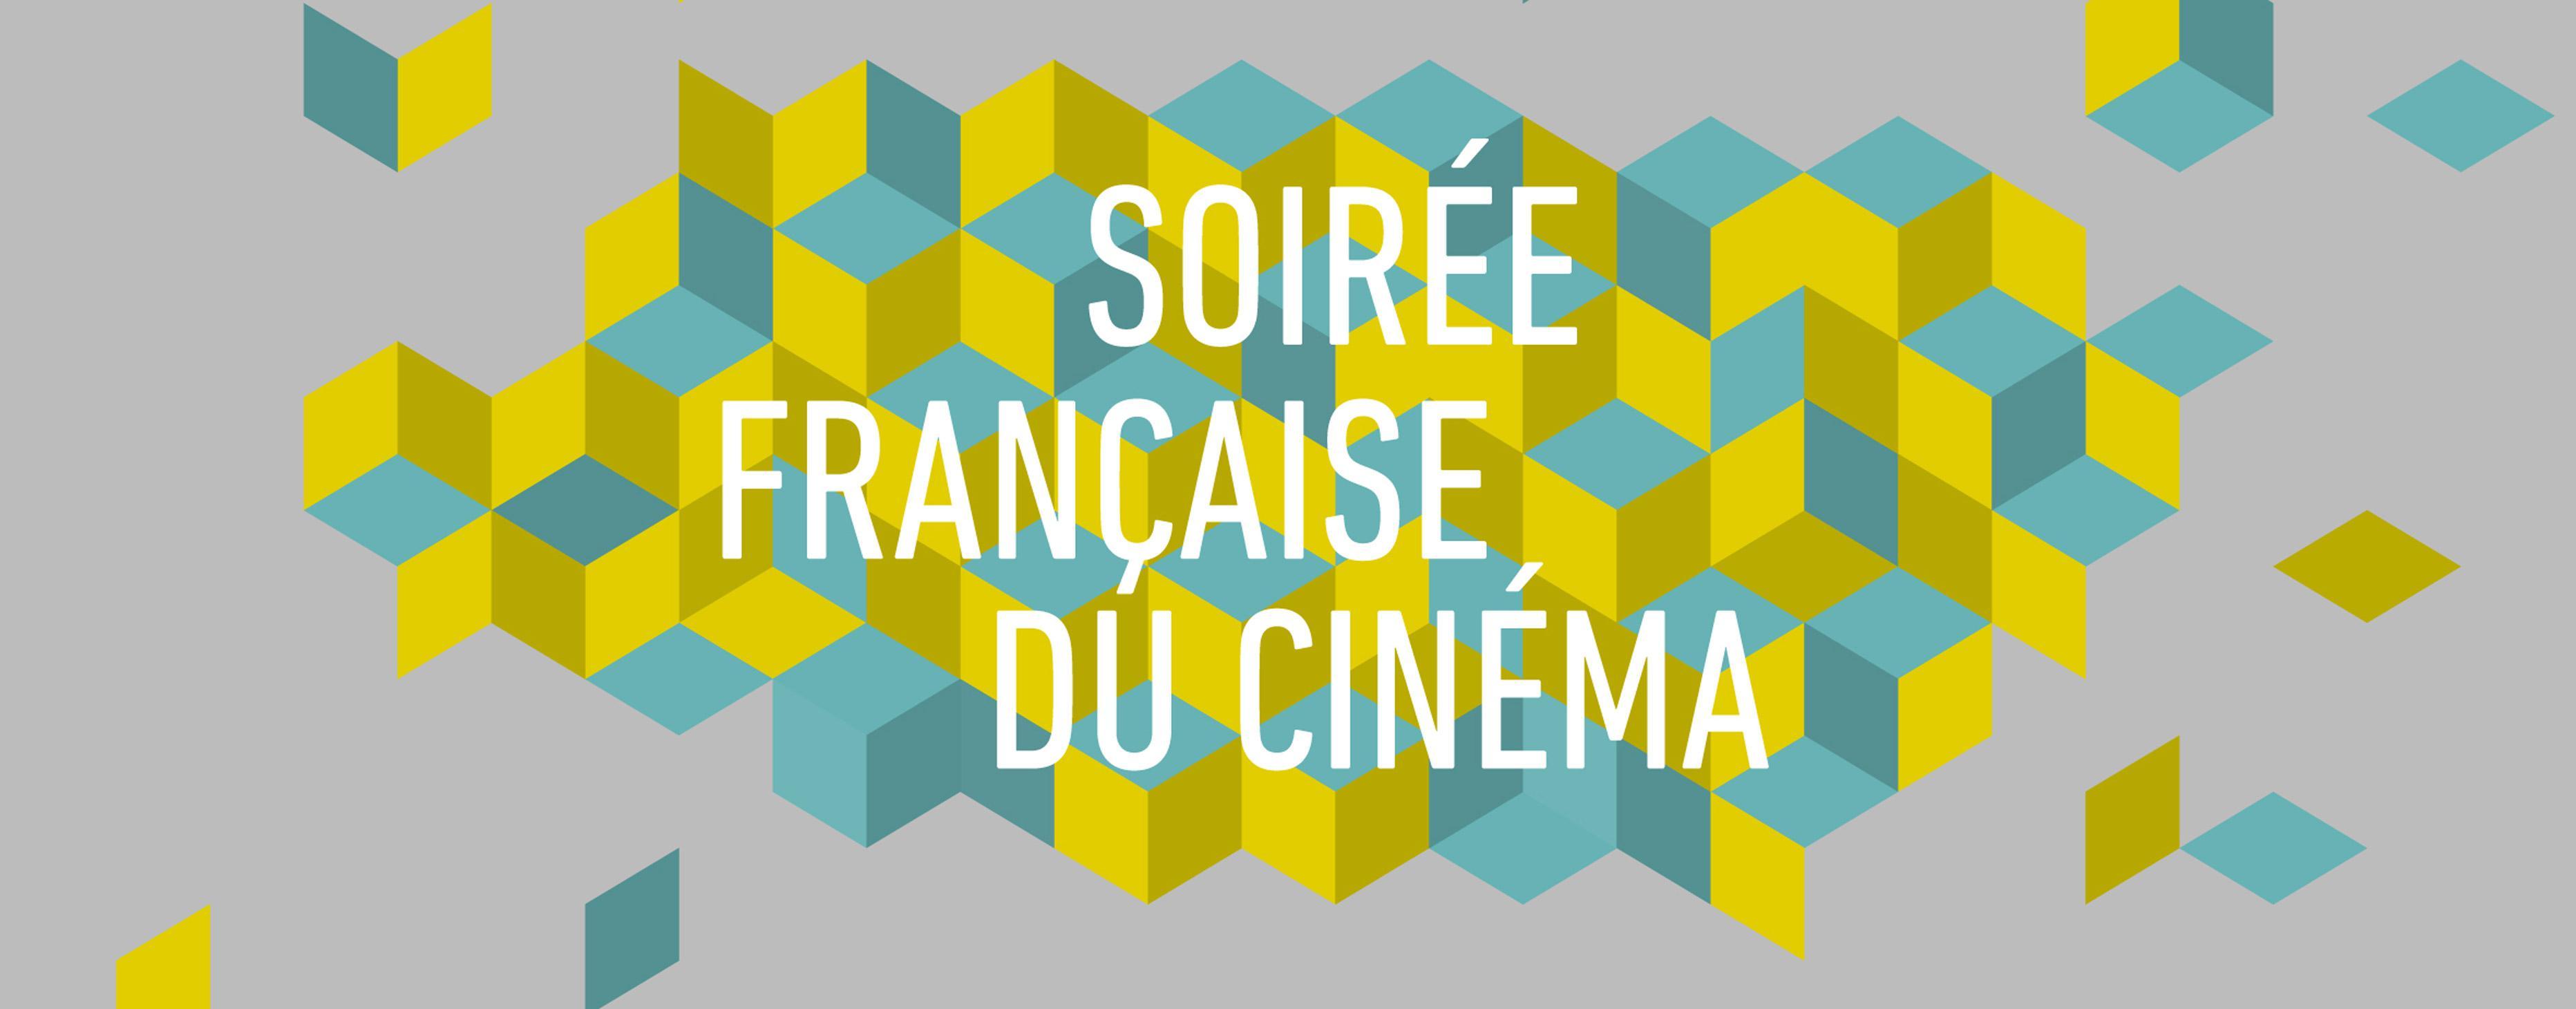 Soirée française du cinéma 2017 Ligne Roset